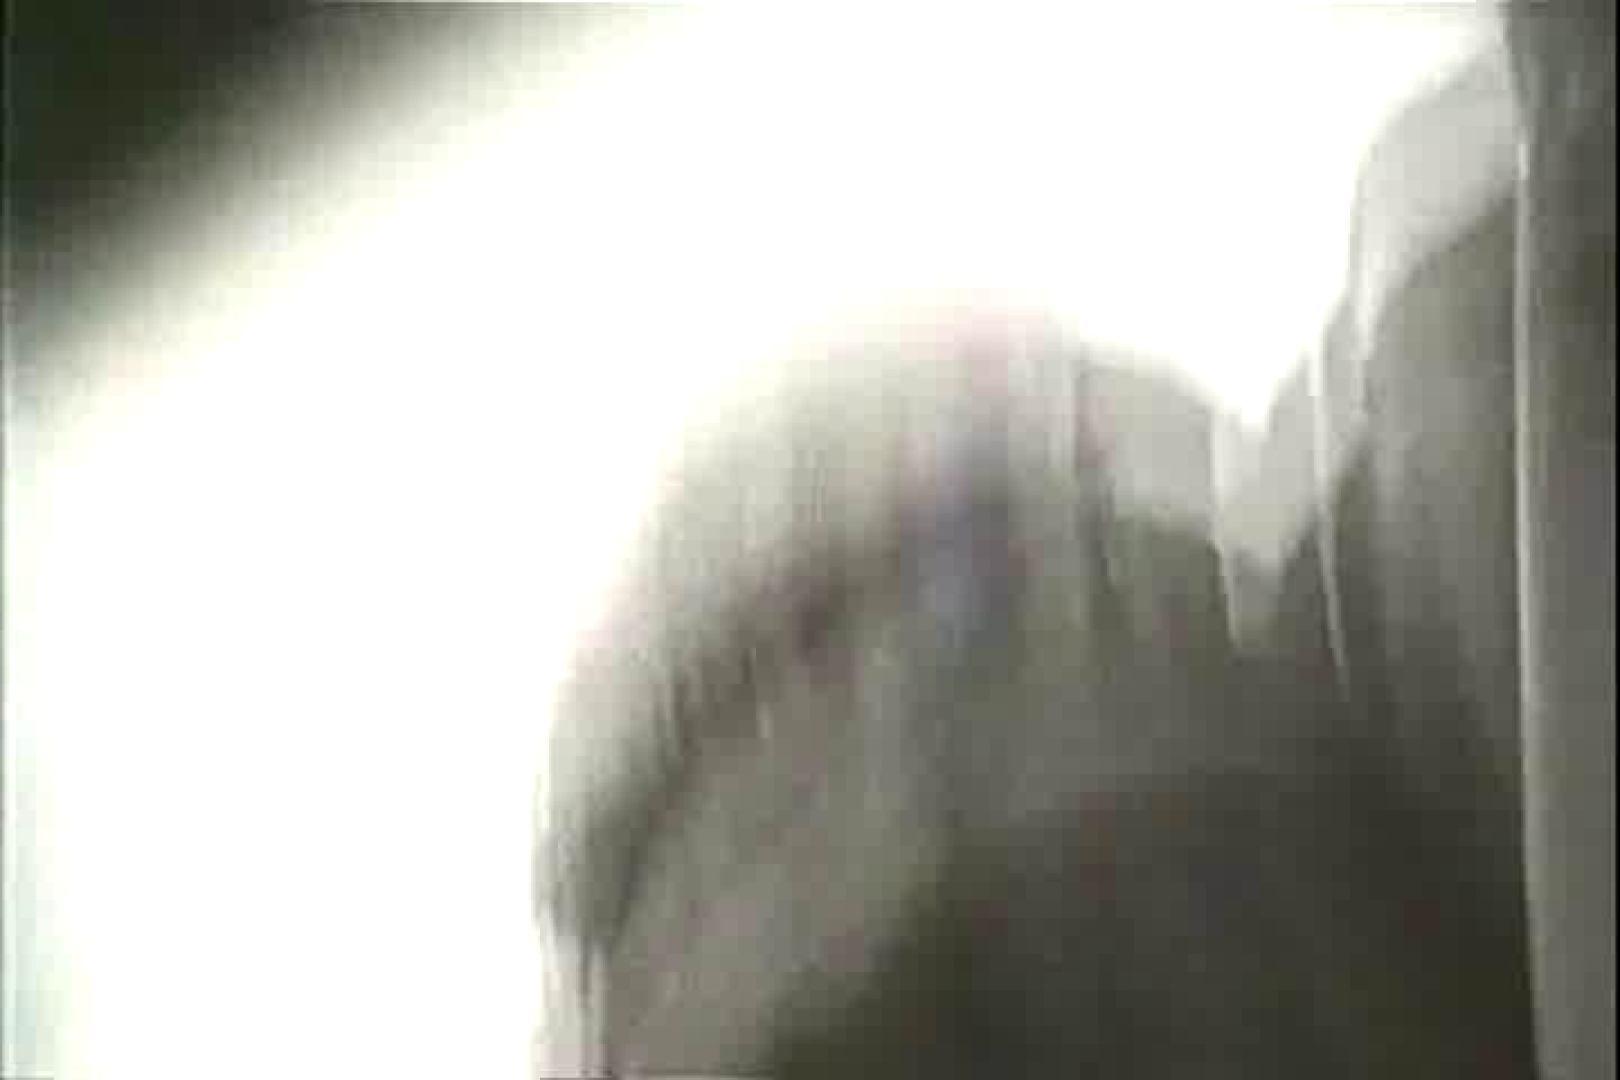 「ちくりん」さんのオリジナル未編集パンチラVol.3_02 パンチラのぞき ぱこり動画紹介 87画像 19